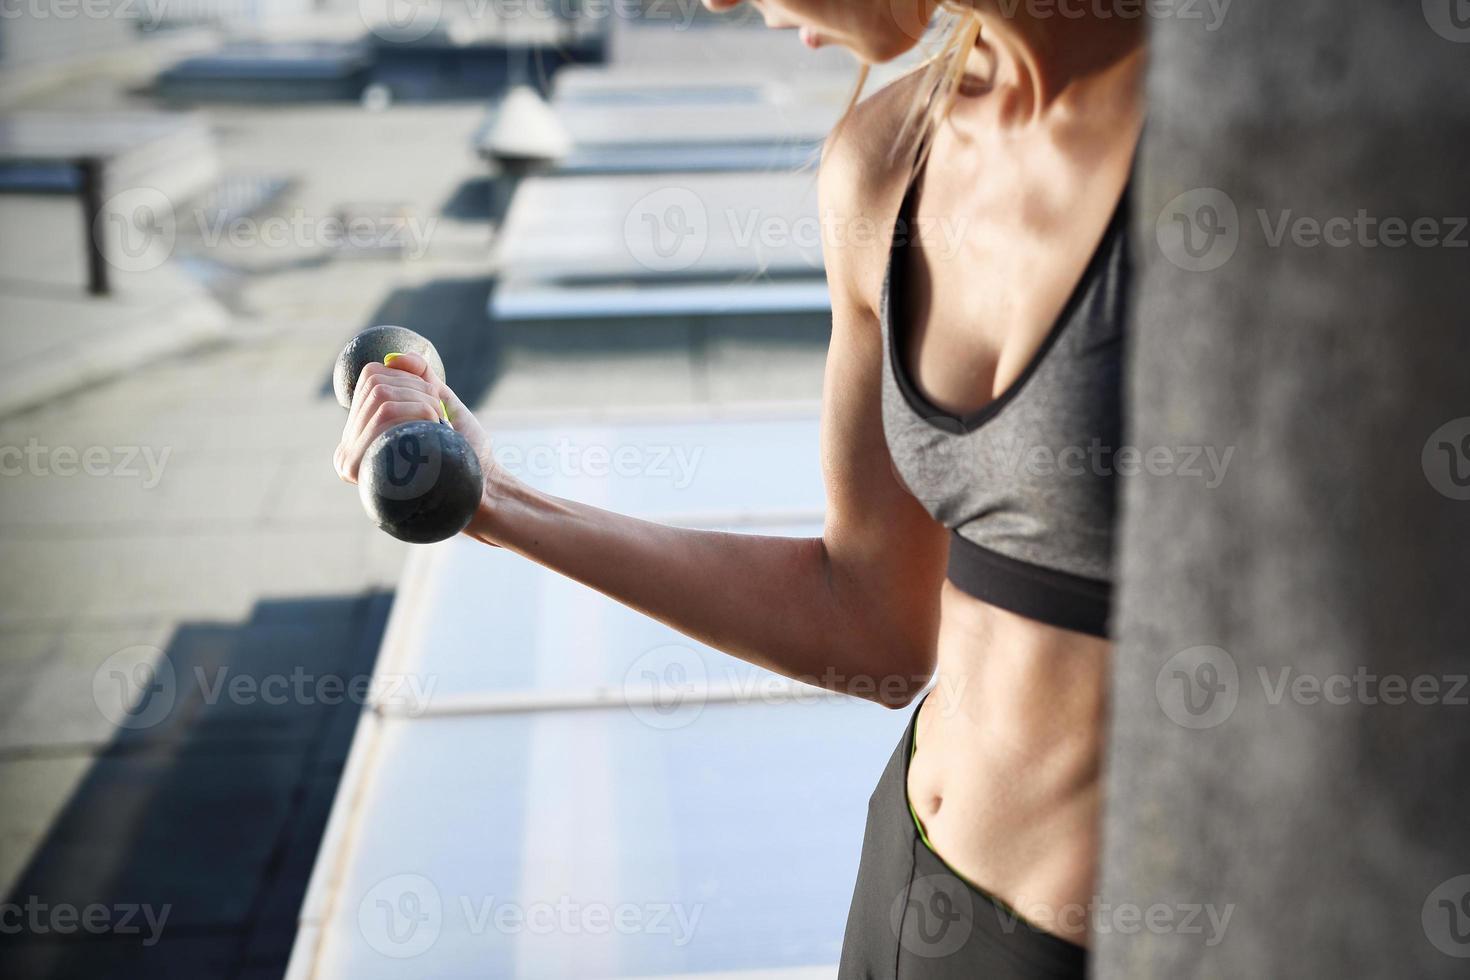 ejercicios de hombro foto